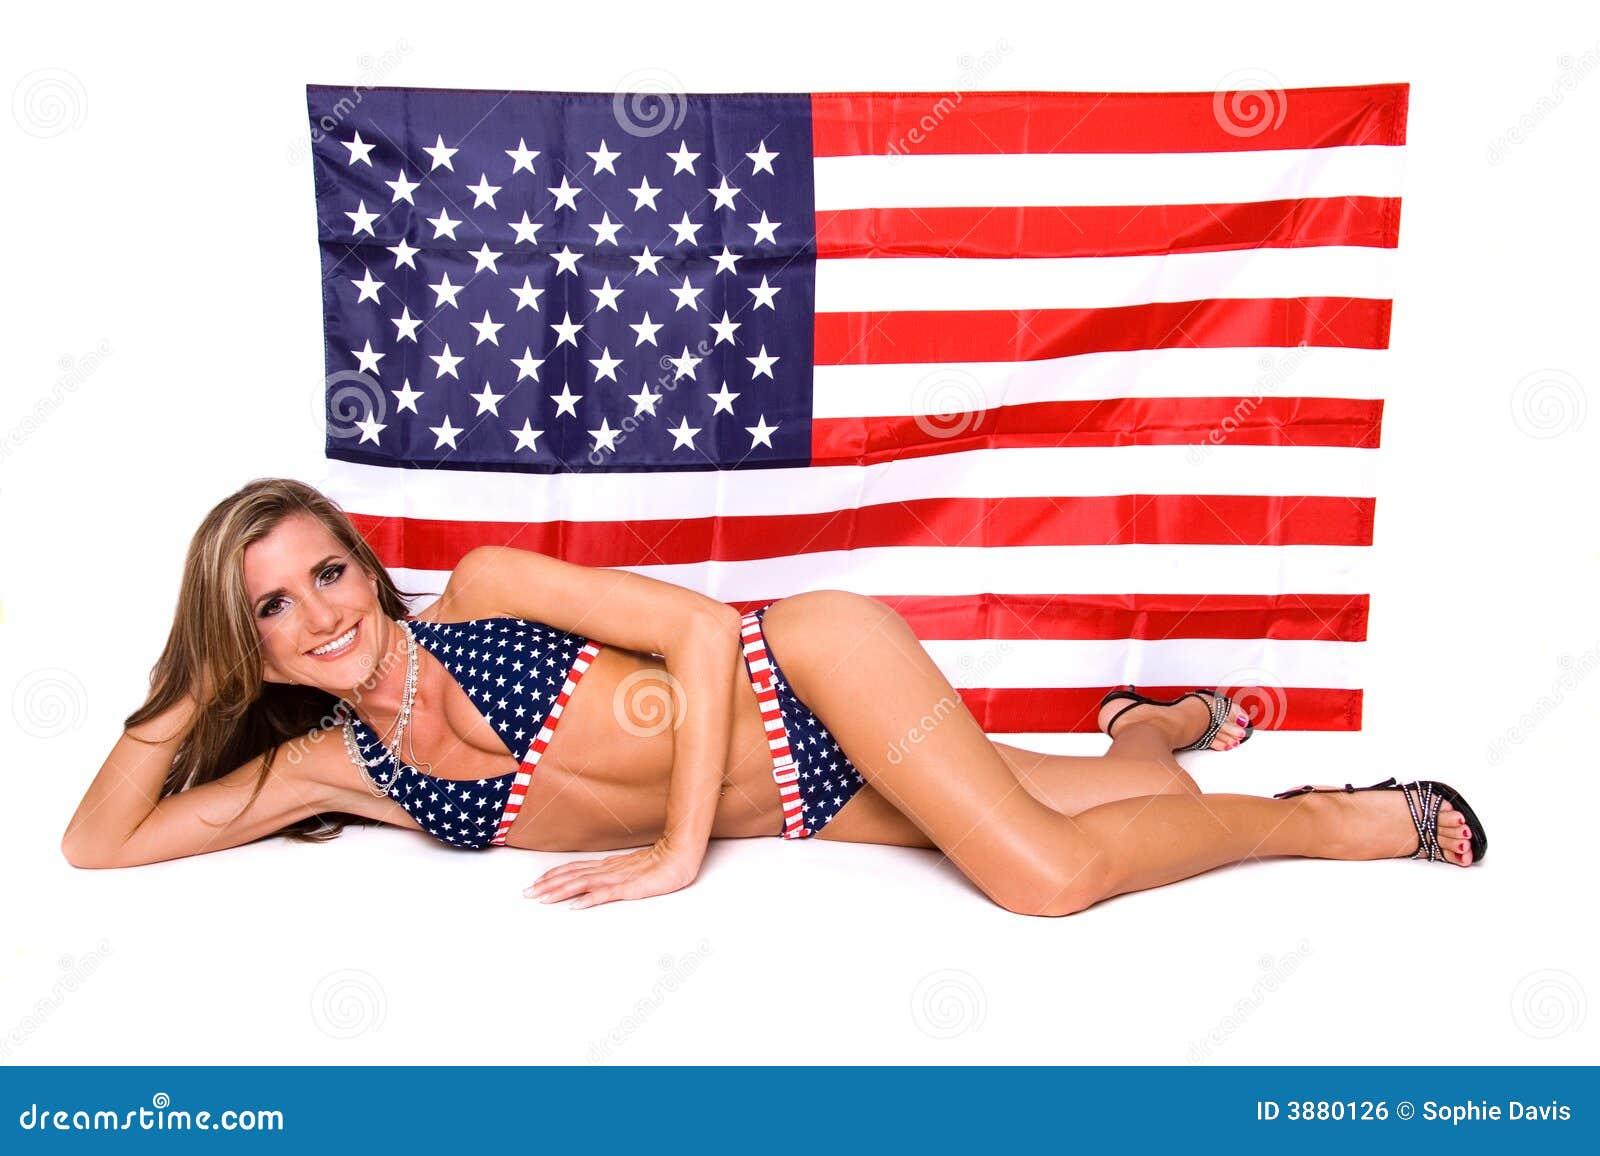 Modello americano del bikini.